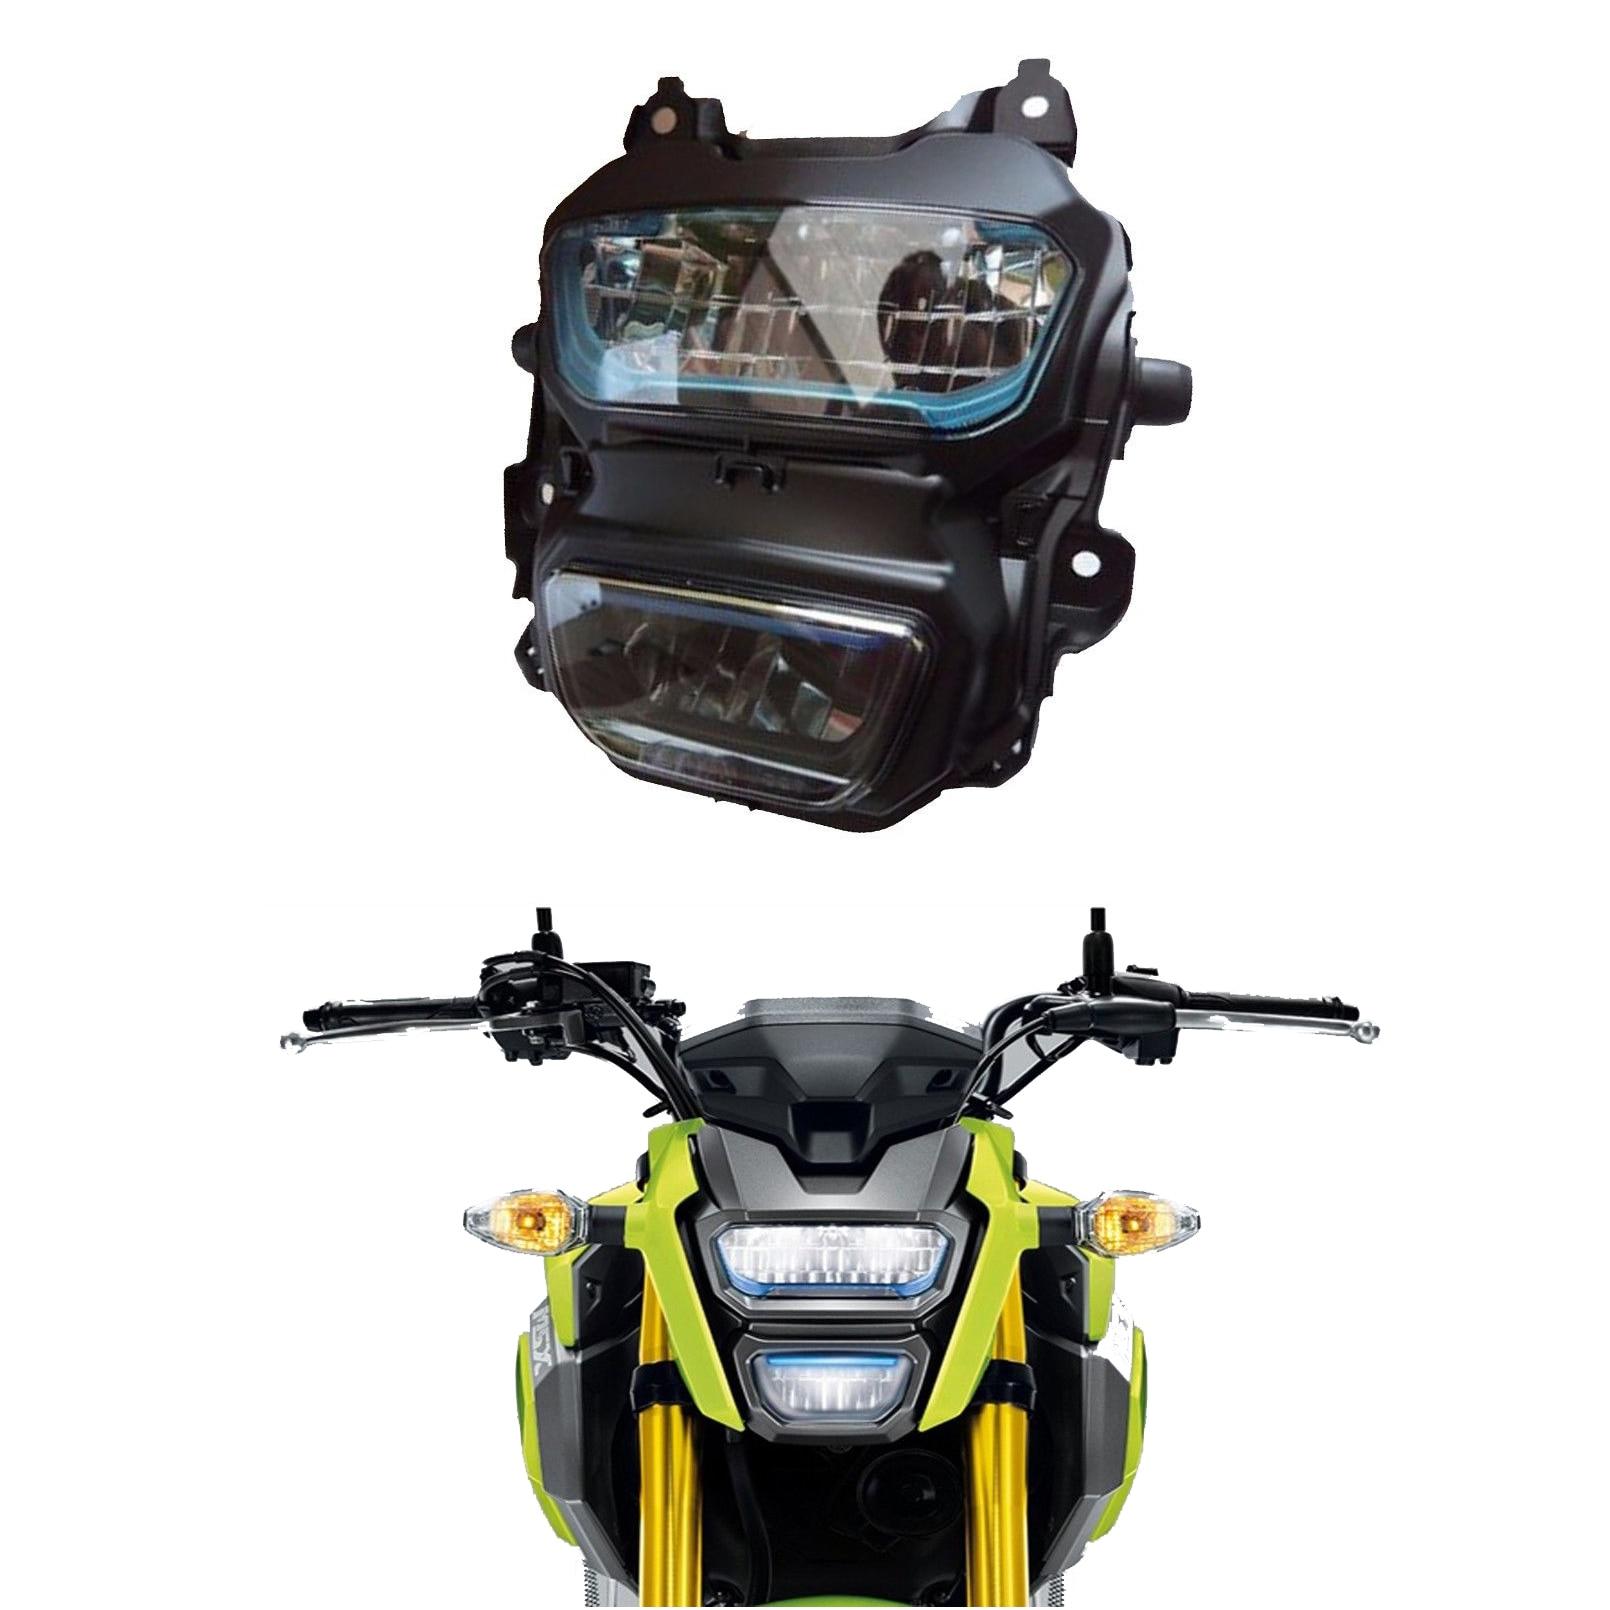 MSX125 Led Headlight Waterproof Front Fork Light Lamp Motorcycle Monkey M3 for Honda Grom 125 MSX125 MSX125SF 2016 2017 2018